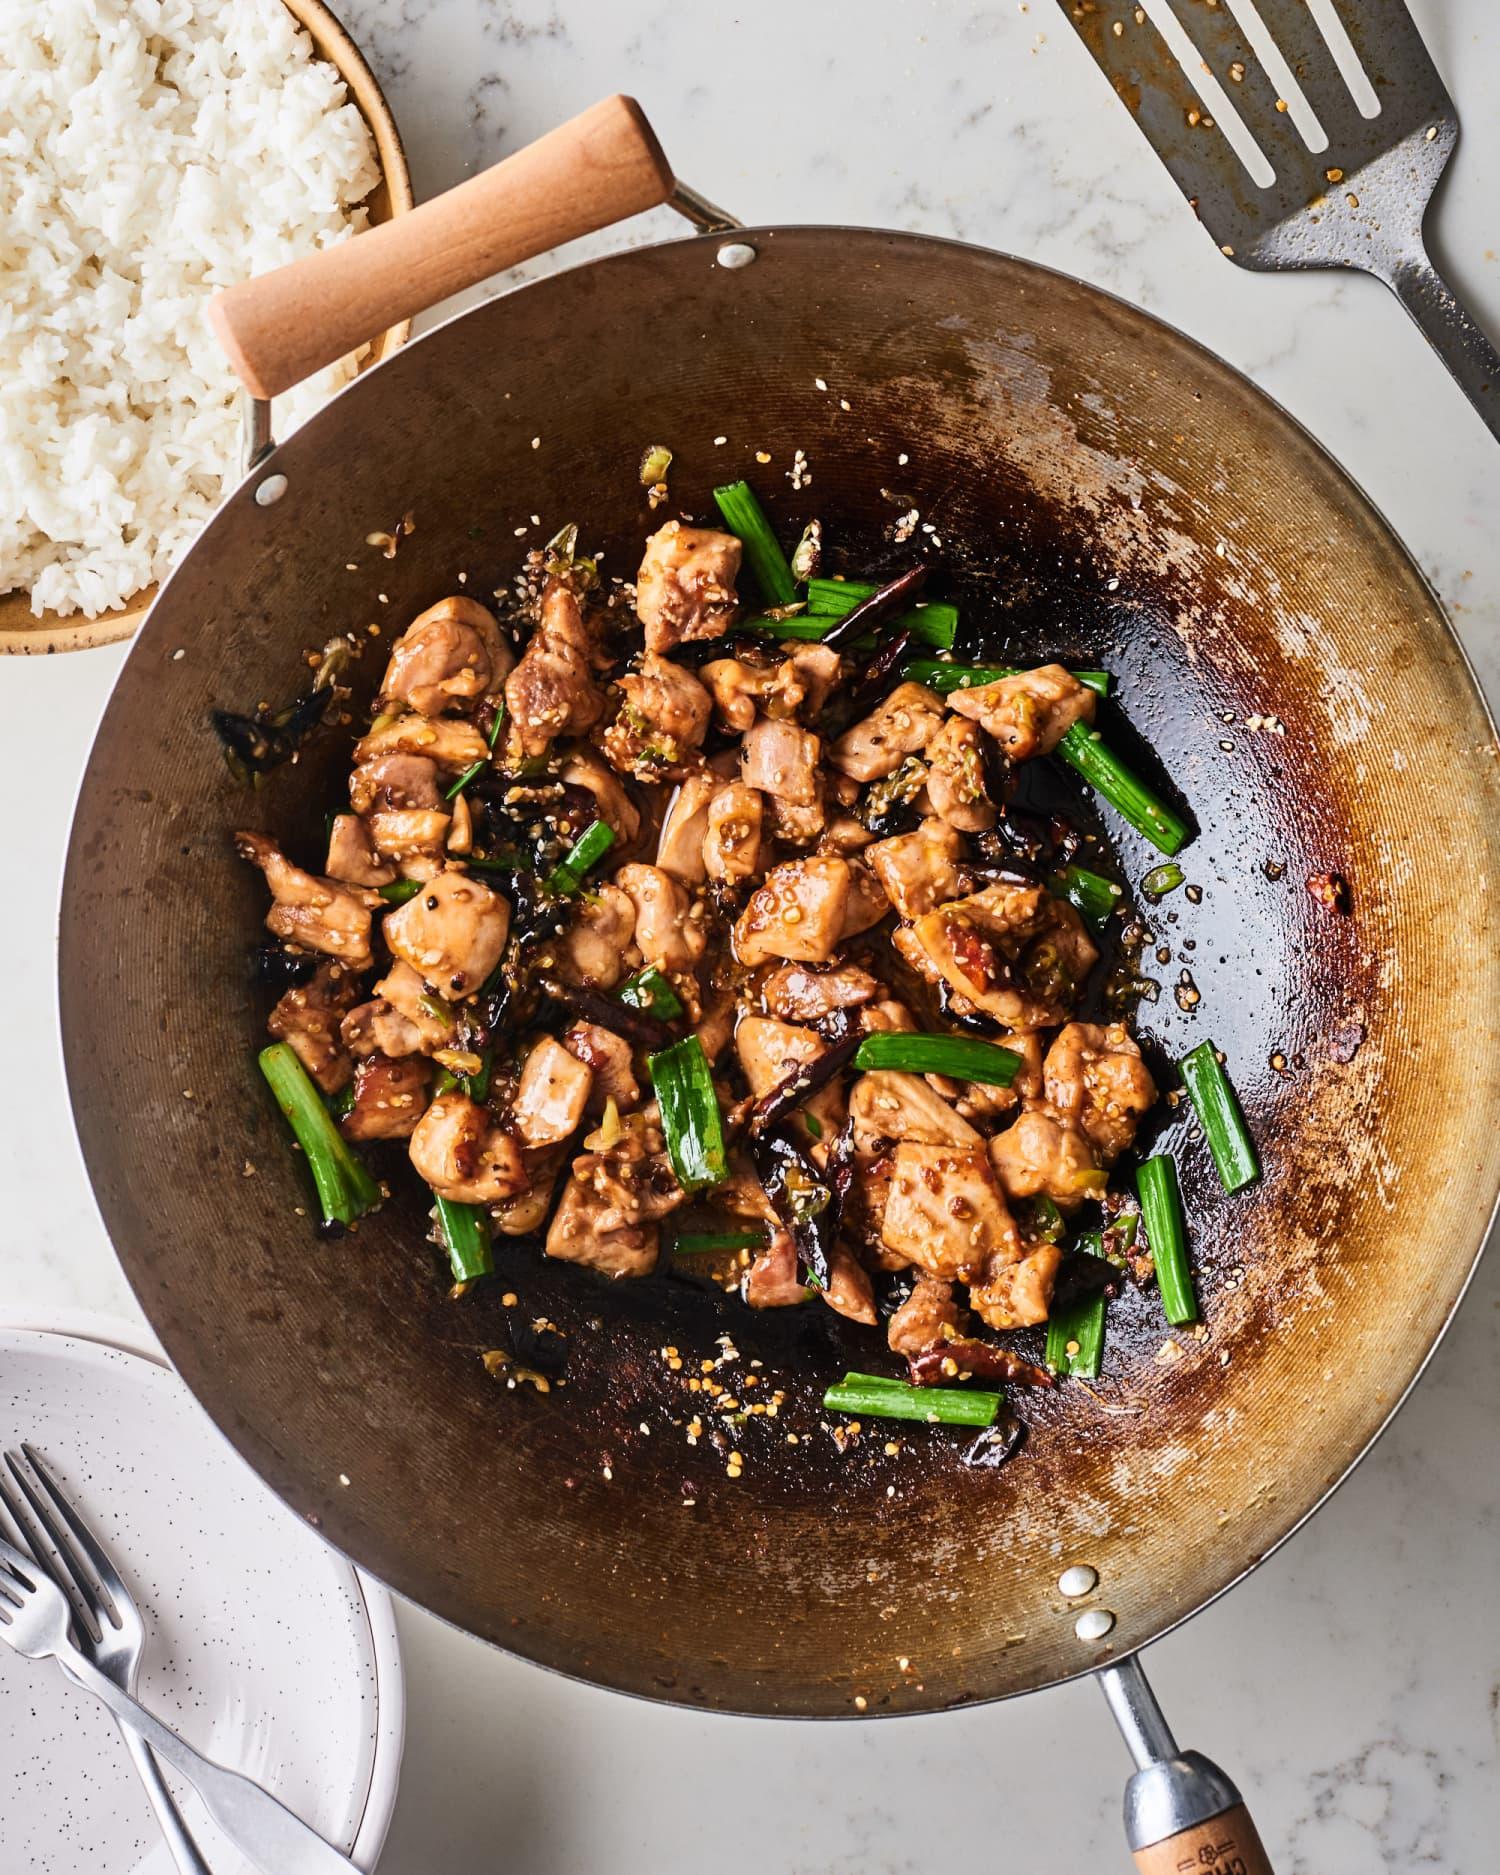 How To Make Szechuan Chicken